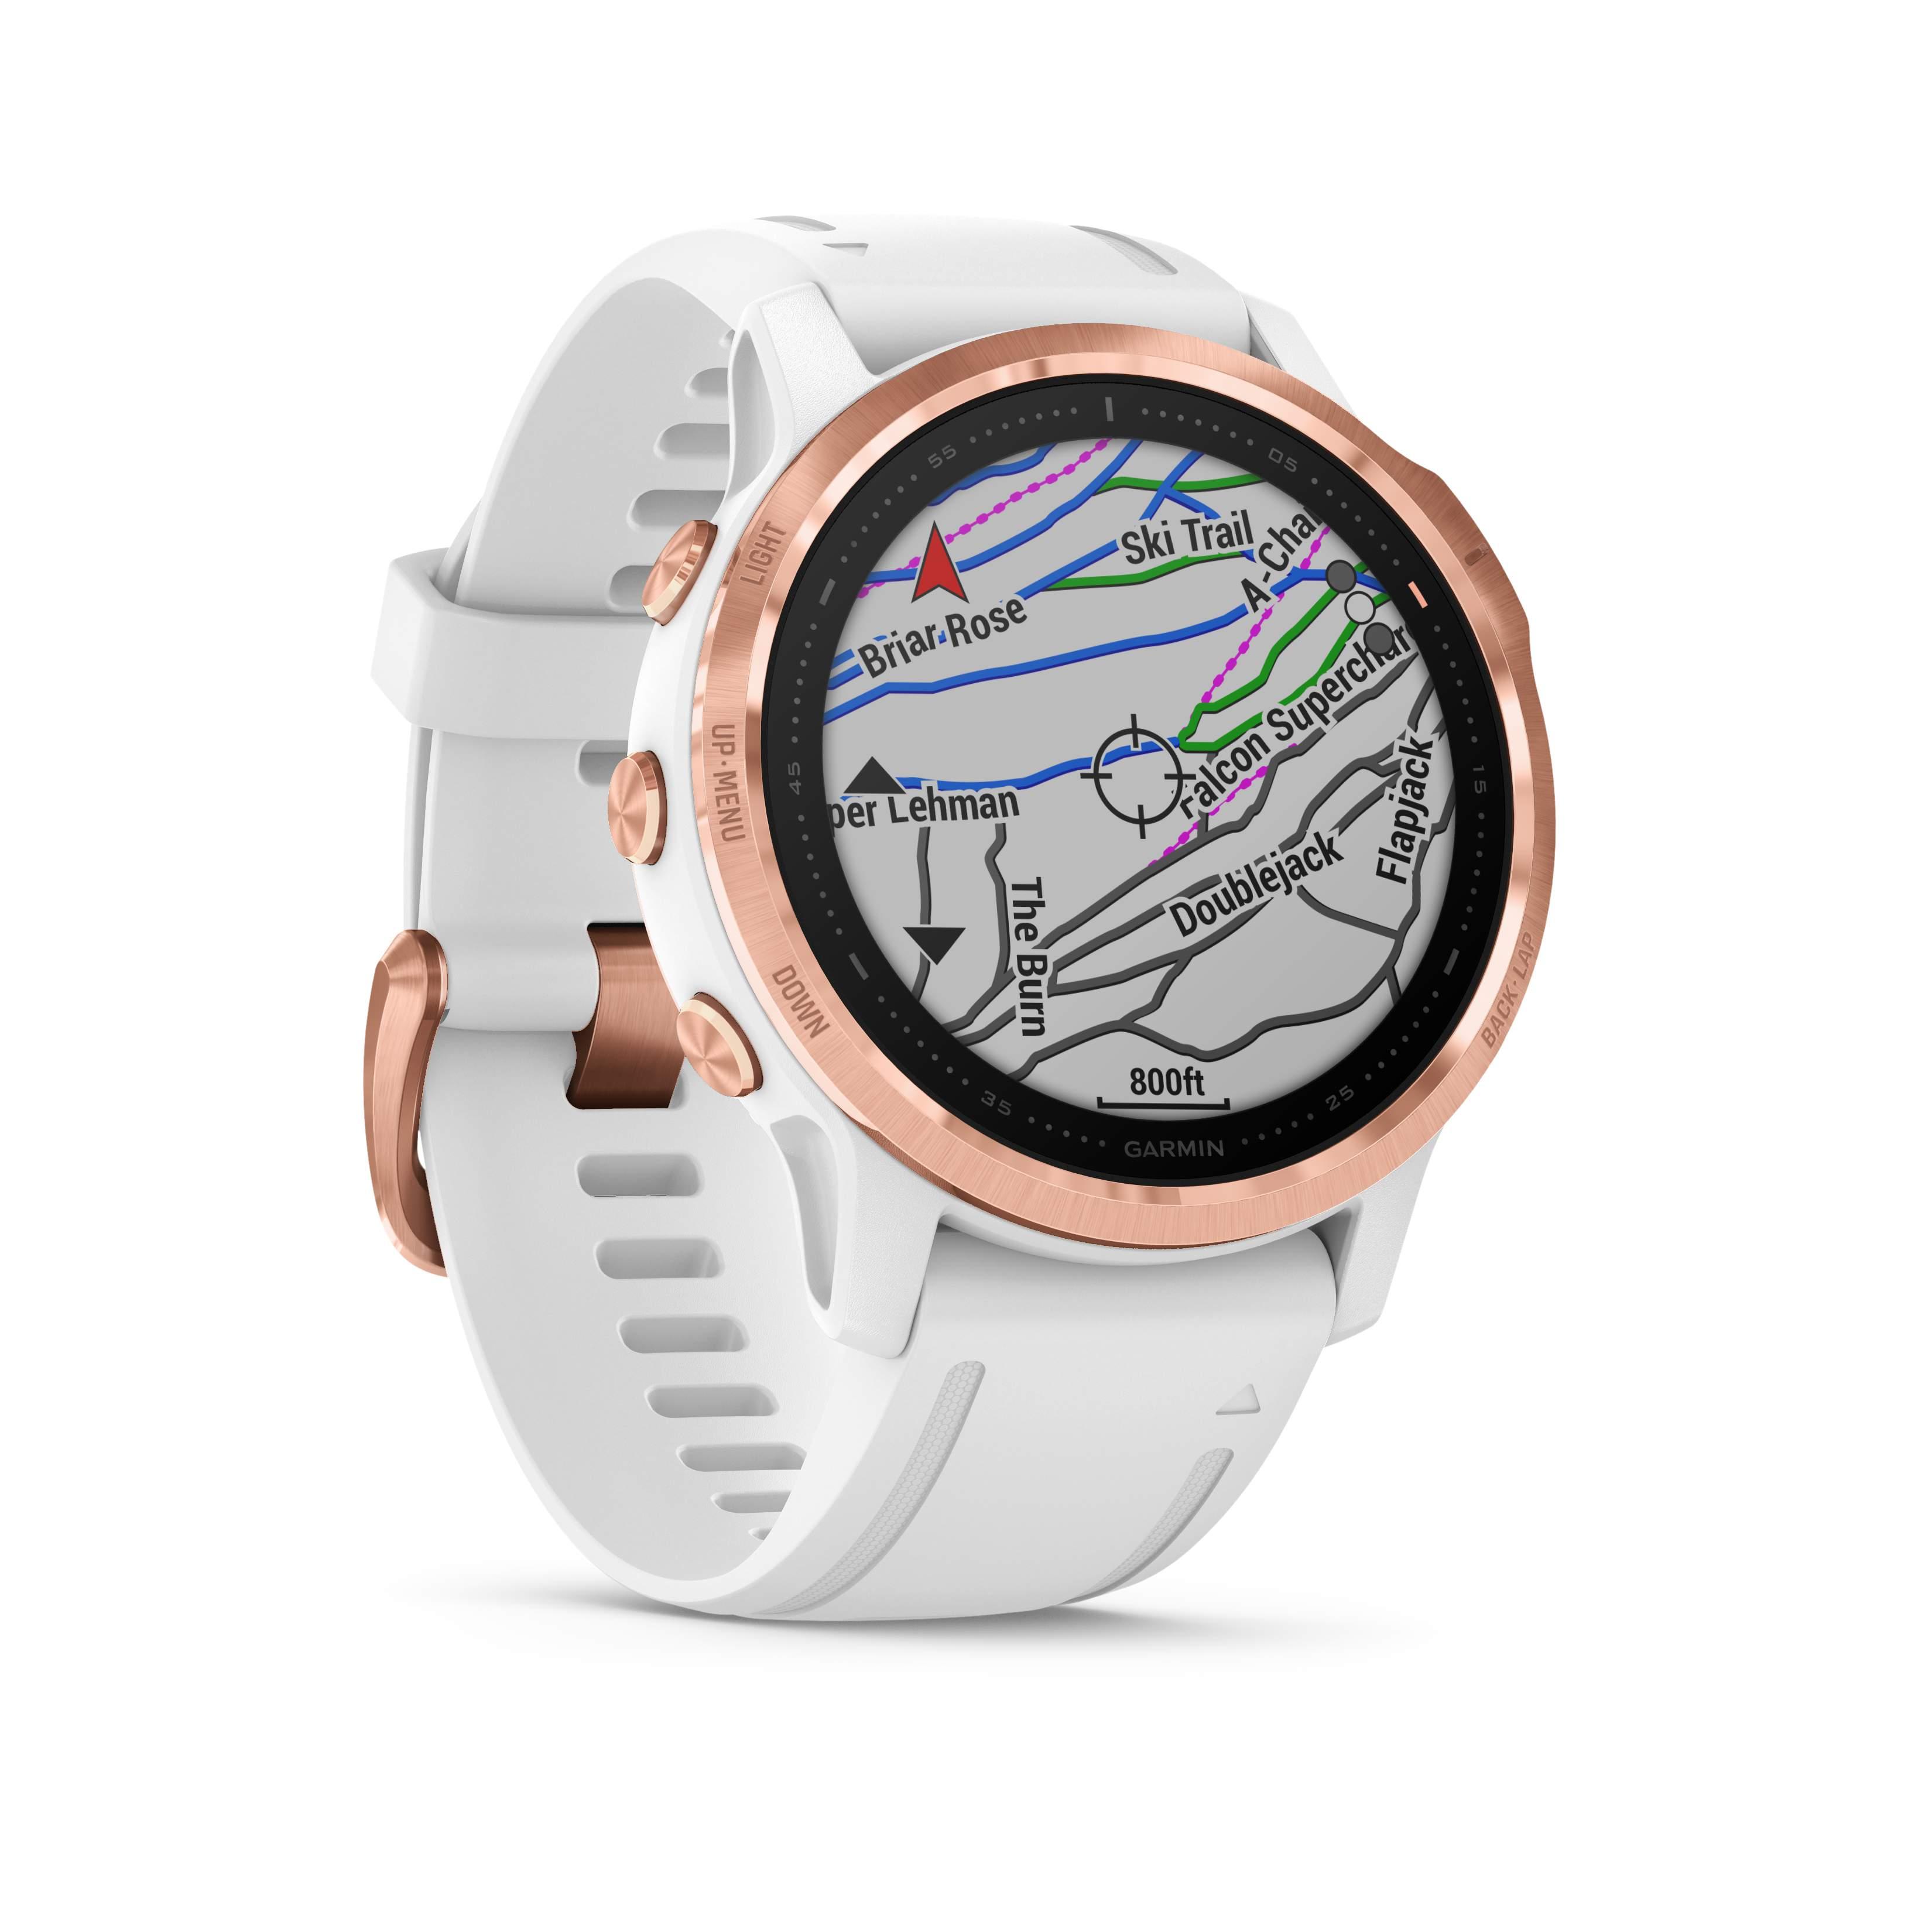 Garmin fēnix® 6S PRO Weiss/Rosegold mit QUICKFIT-Silikon-Armband 20mm